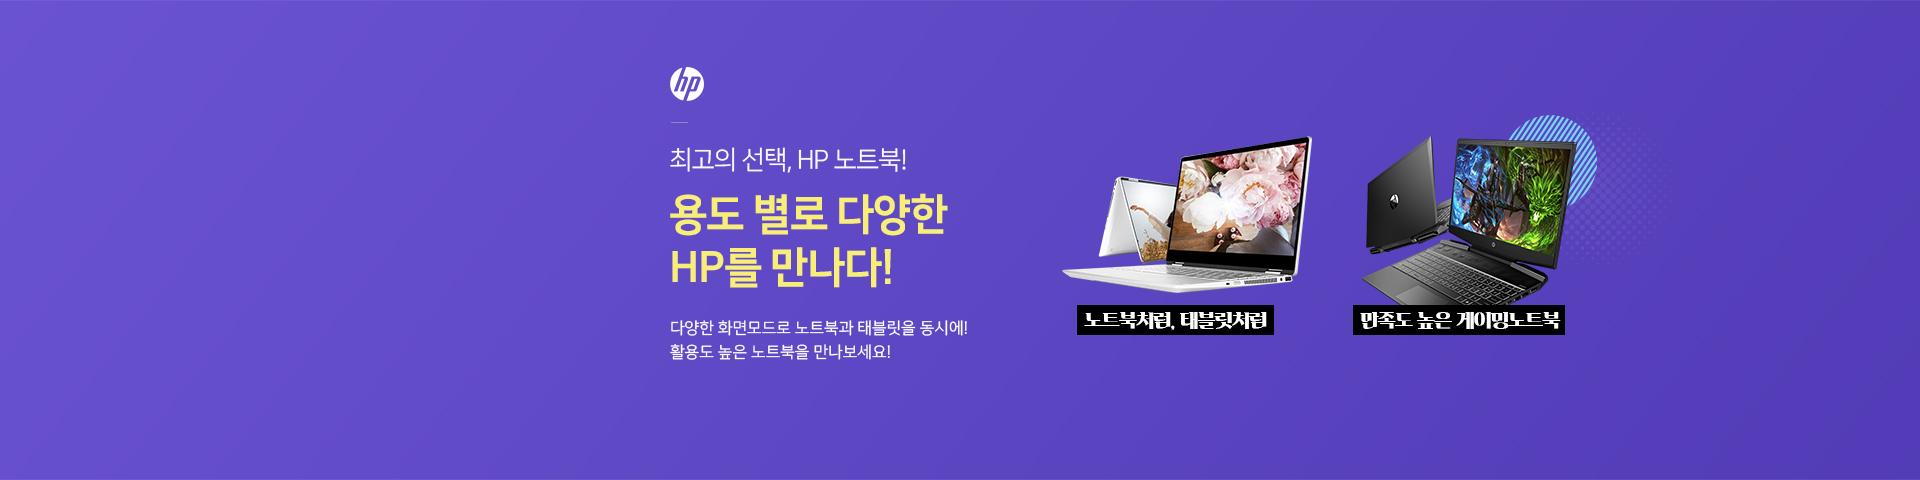 [hp] 노트북 모음전